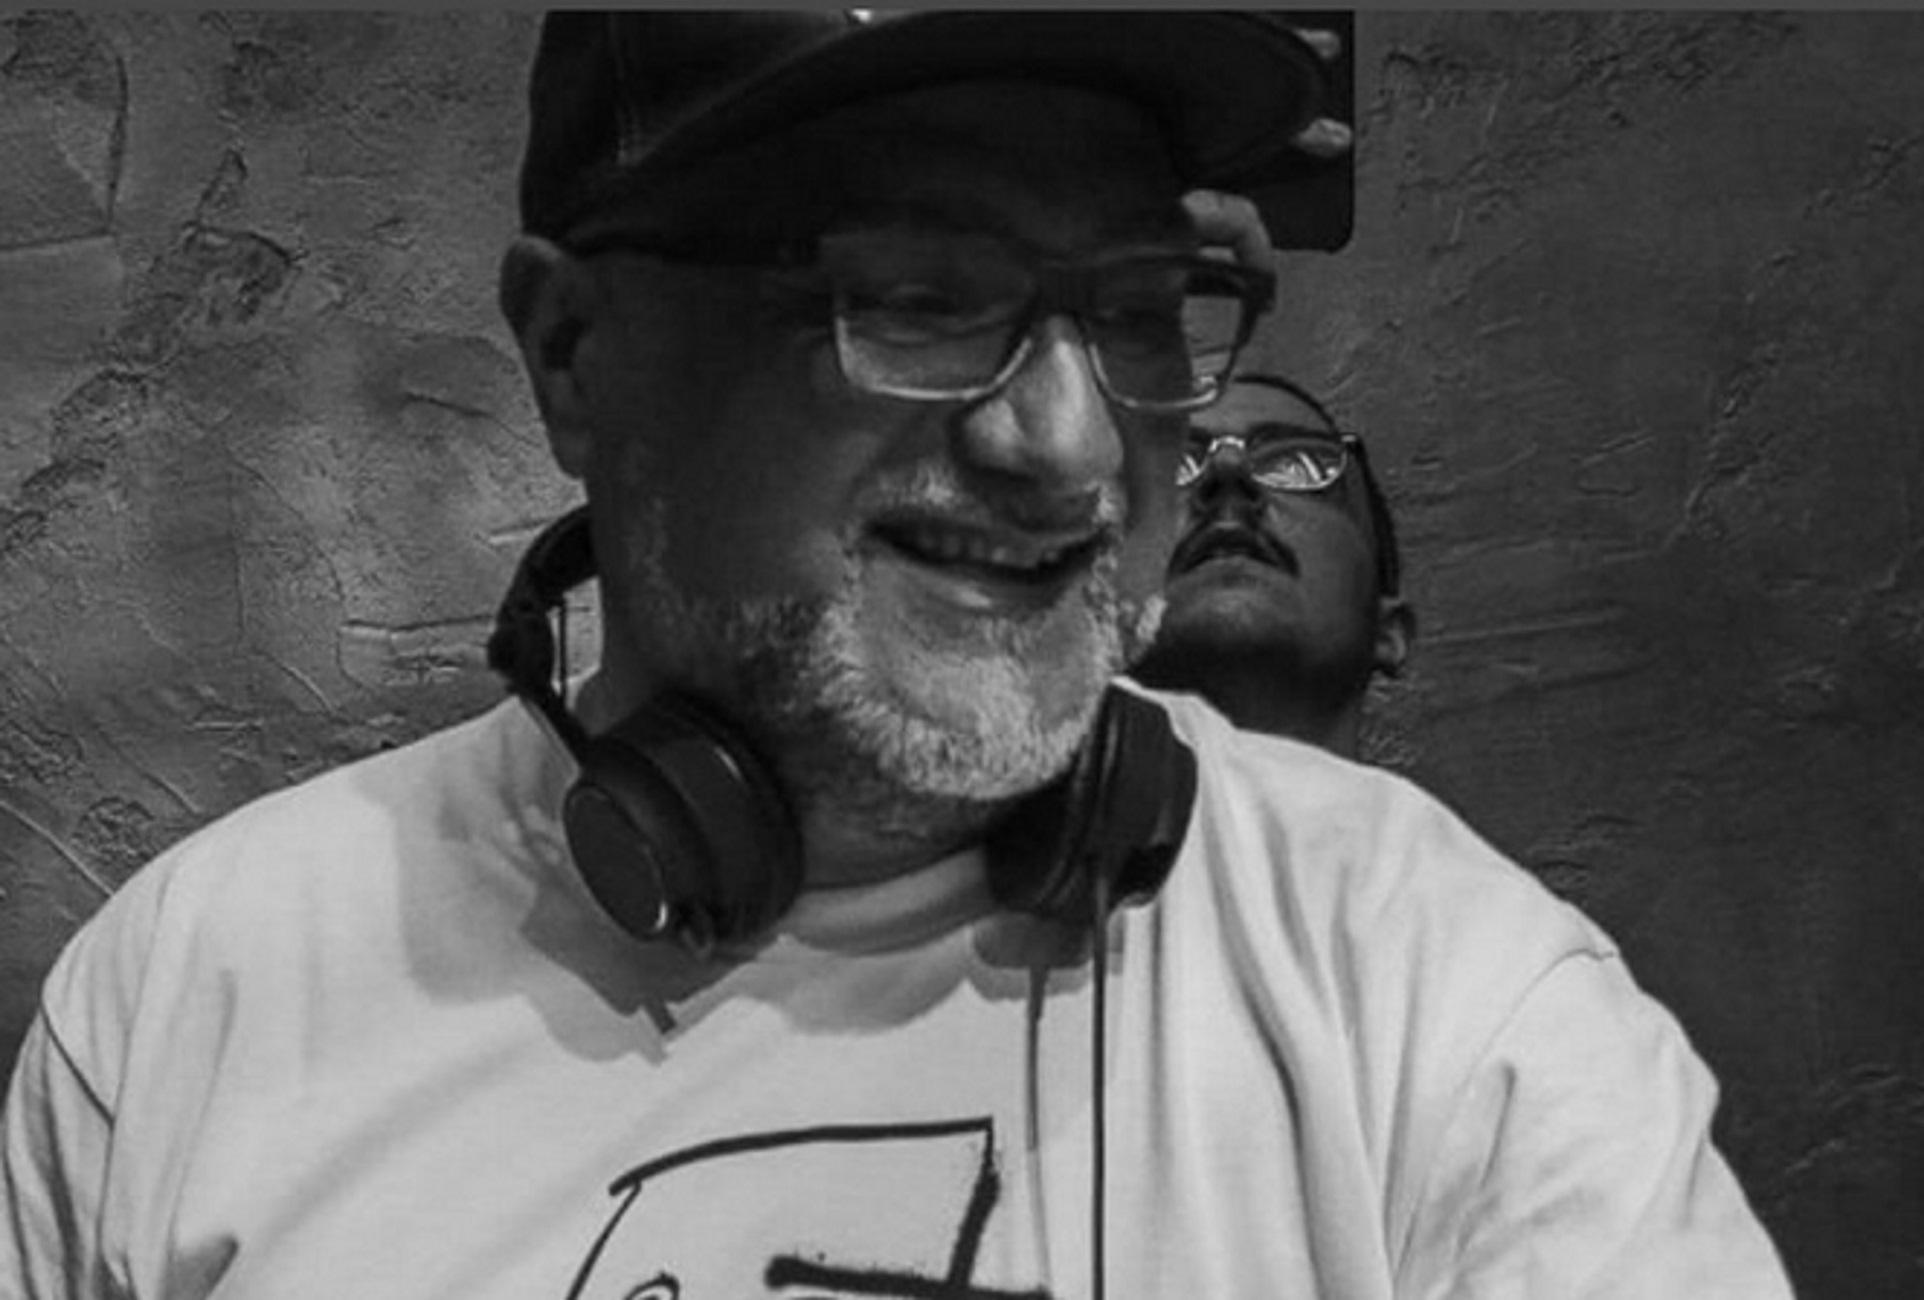 Θεσσαλονίκη: Από ηλεκτροπληξία ο θάνατος του γνωστού DJ – Τραγικό τέλος για τον Αντώνη Καραγκούνη